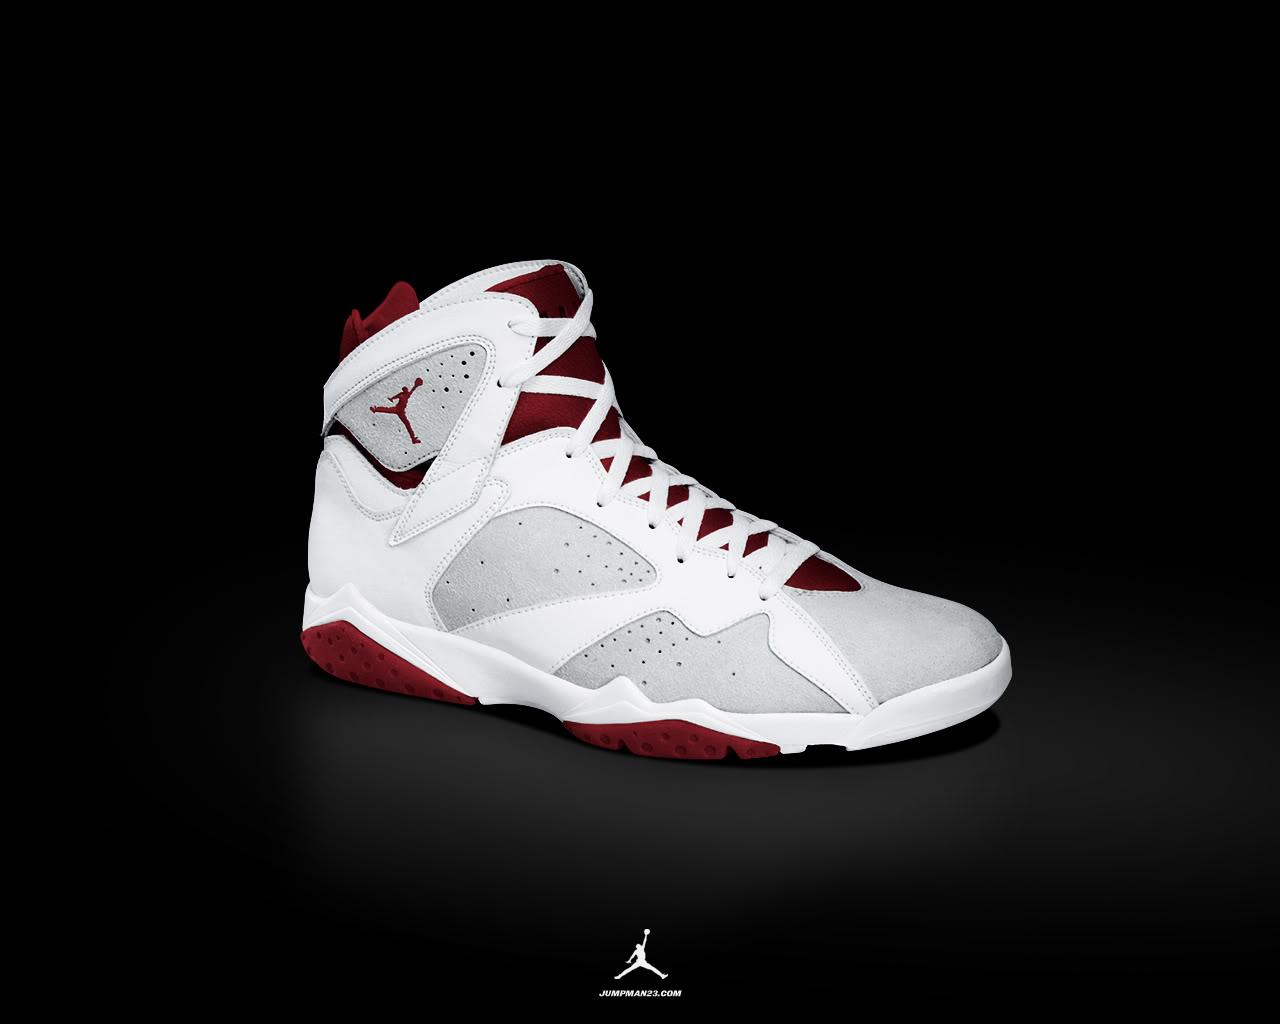 Free Jordan Shoes Wallpaper 1280x1024 33647